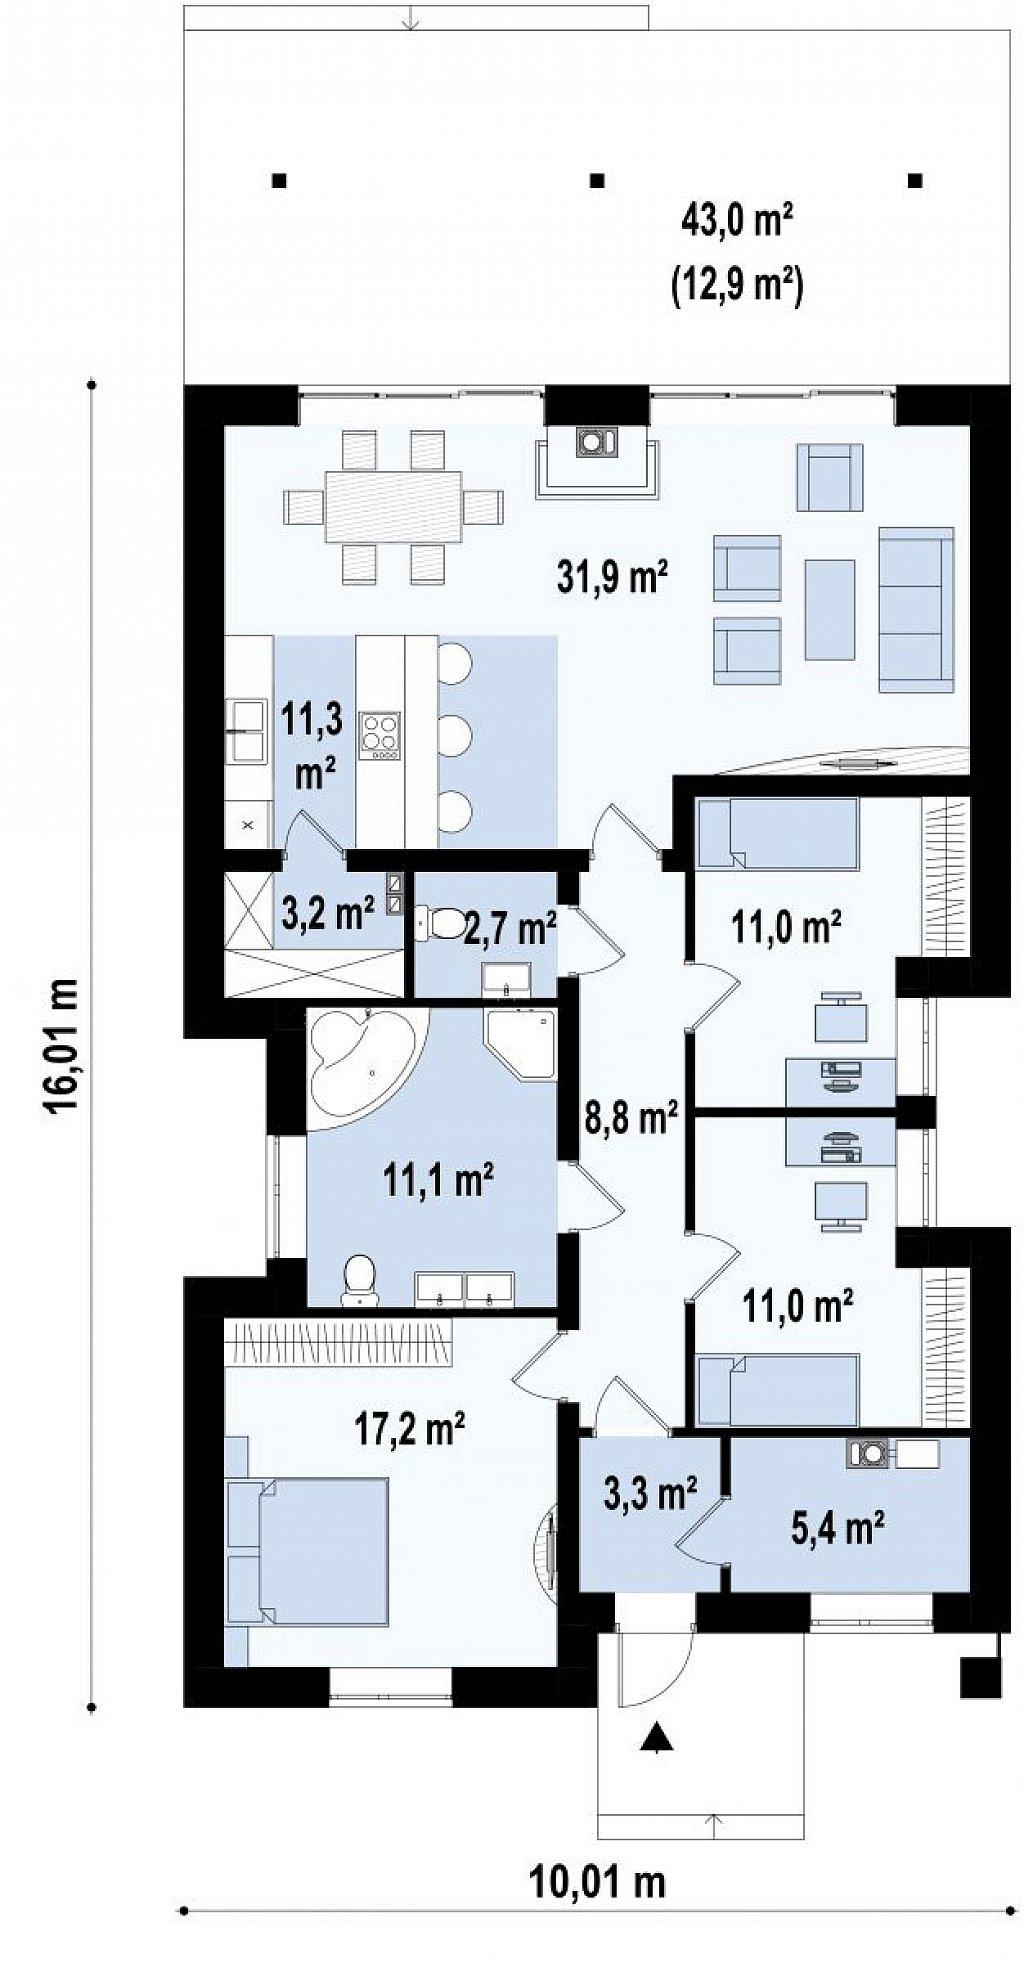 Одноэтажный коттедж с четырехскатной кровлей план помещений 1